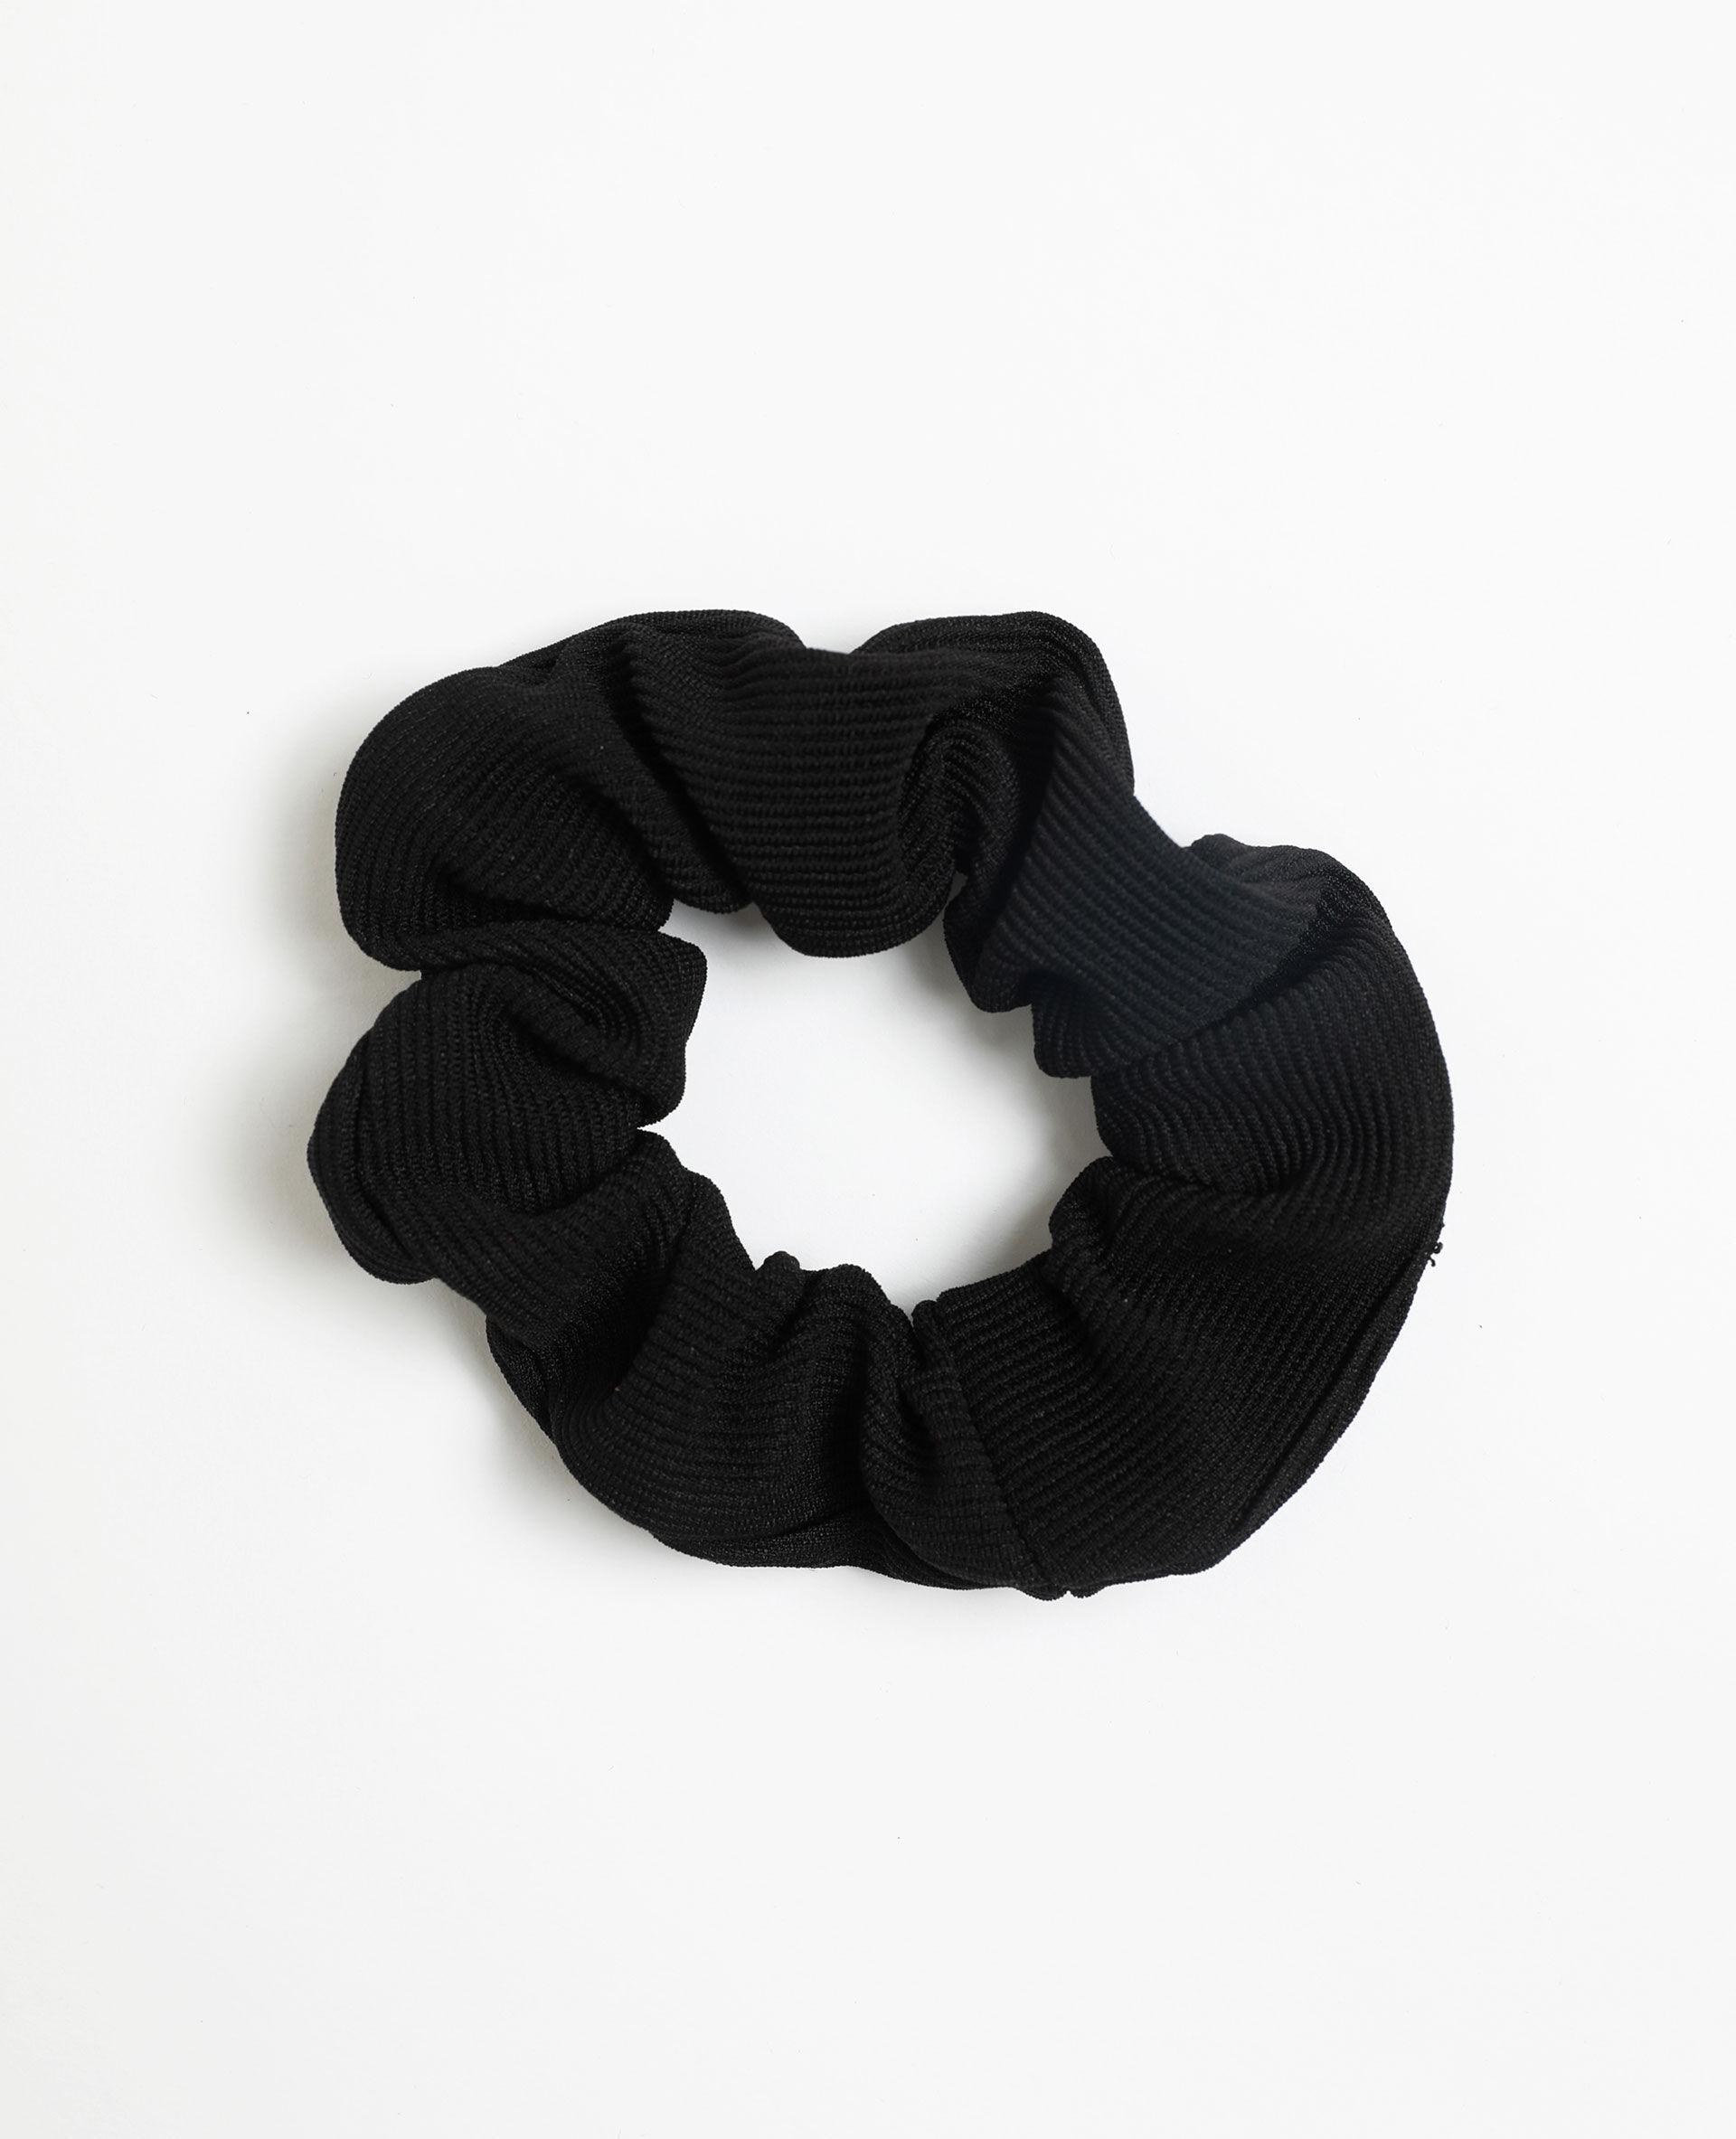 Chouchou texturé Femme - Couleur noir - PIMKIE - MODE FEMME